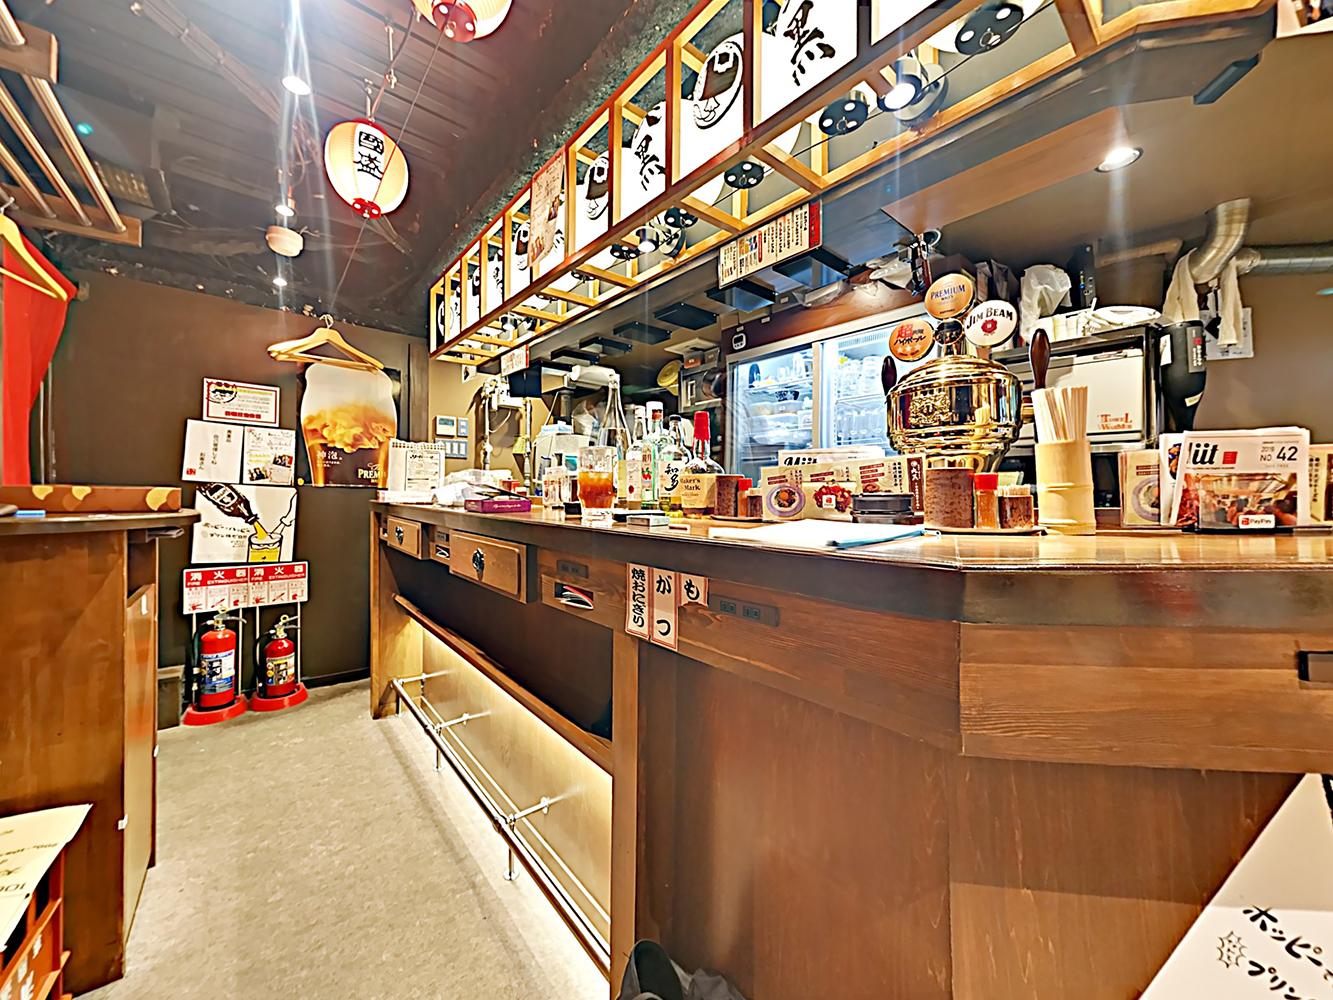 【神田】既存店の近くで、音楽BARの2店舗目を7月半ばにオープン!一番大事なのは「立地」と「1F」。物件探しに2年半の時間をかけ、ご成約!